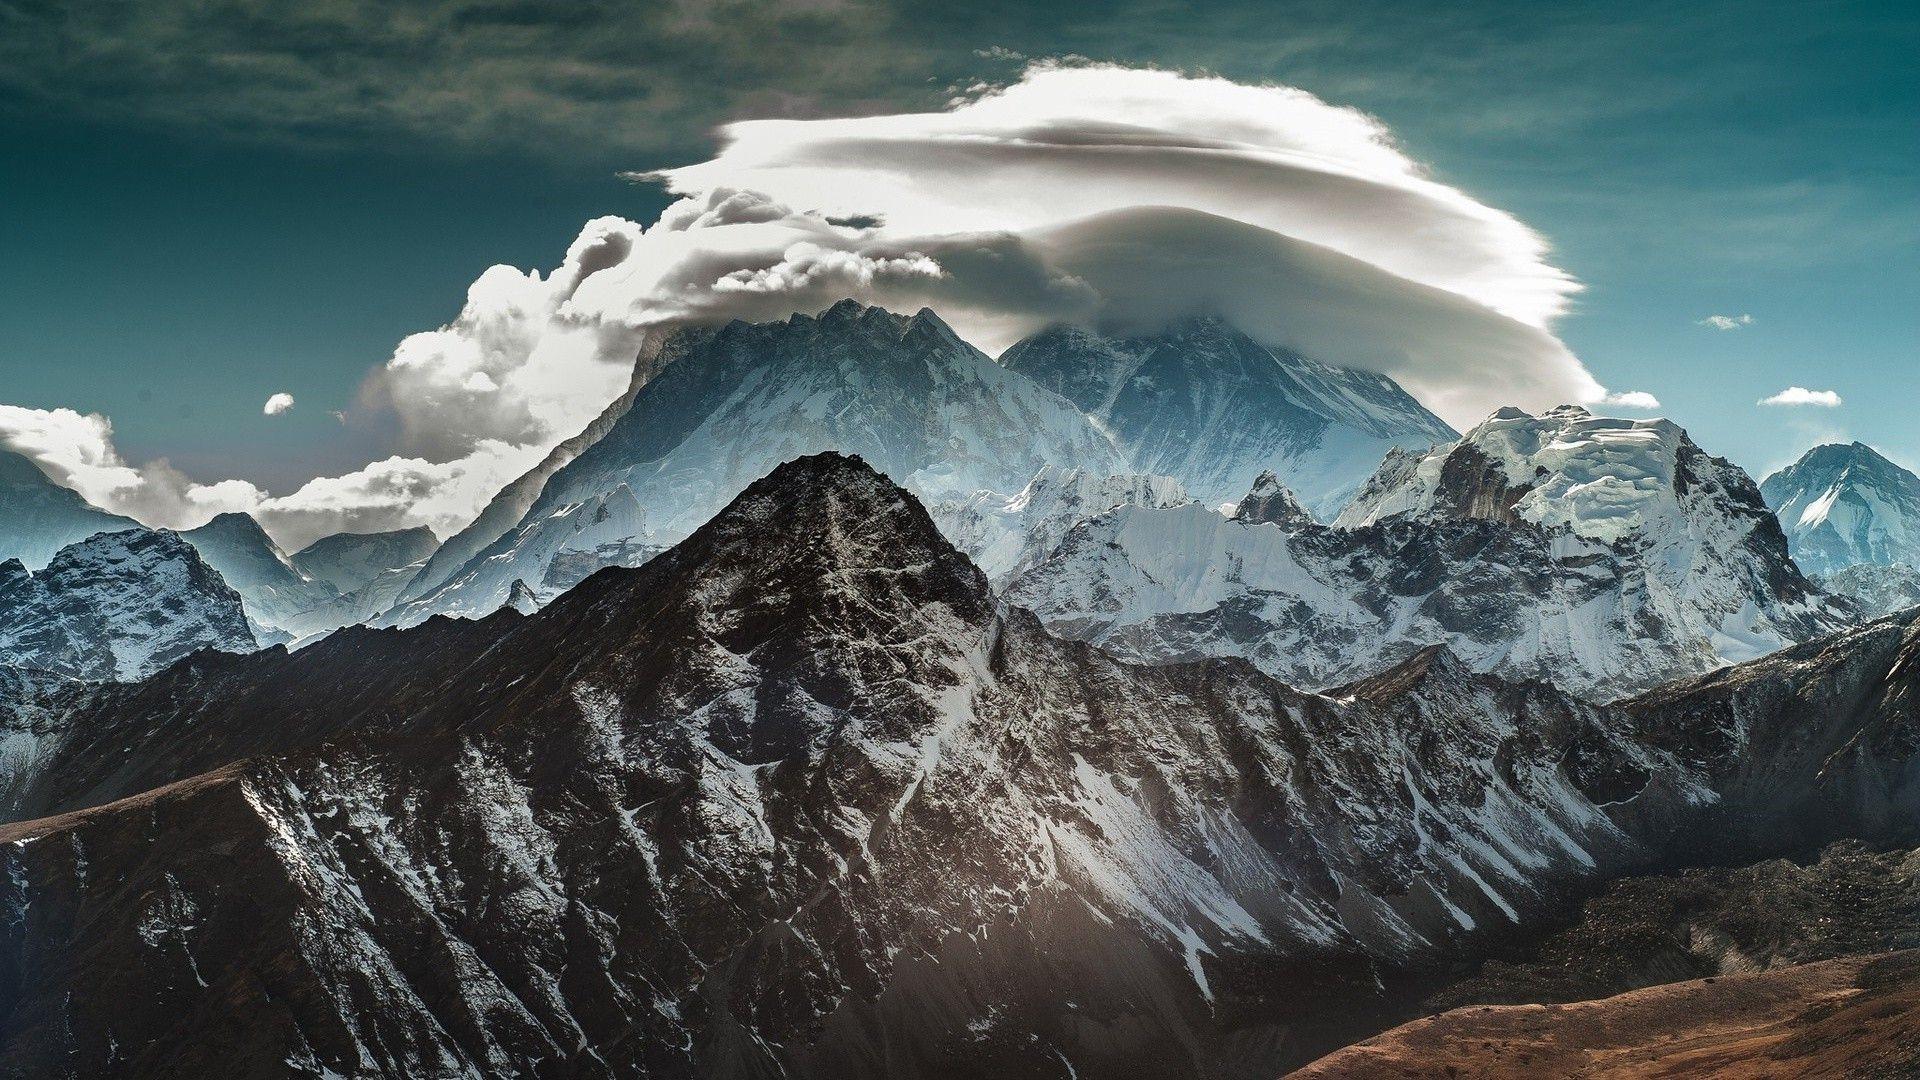 Tibet Himalaya 4K Background